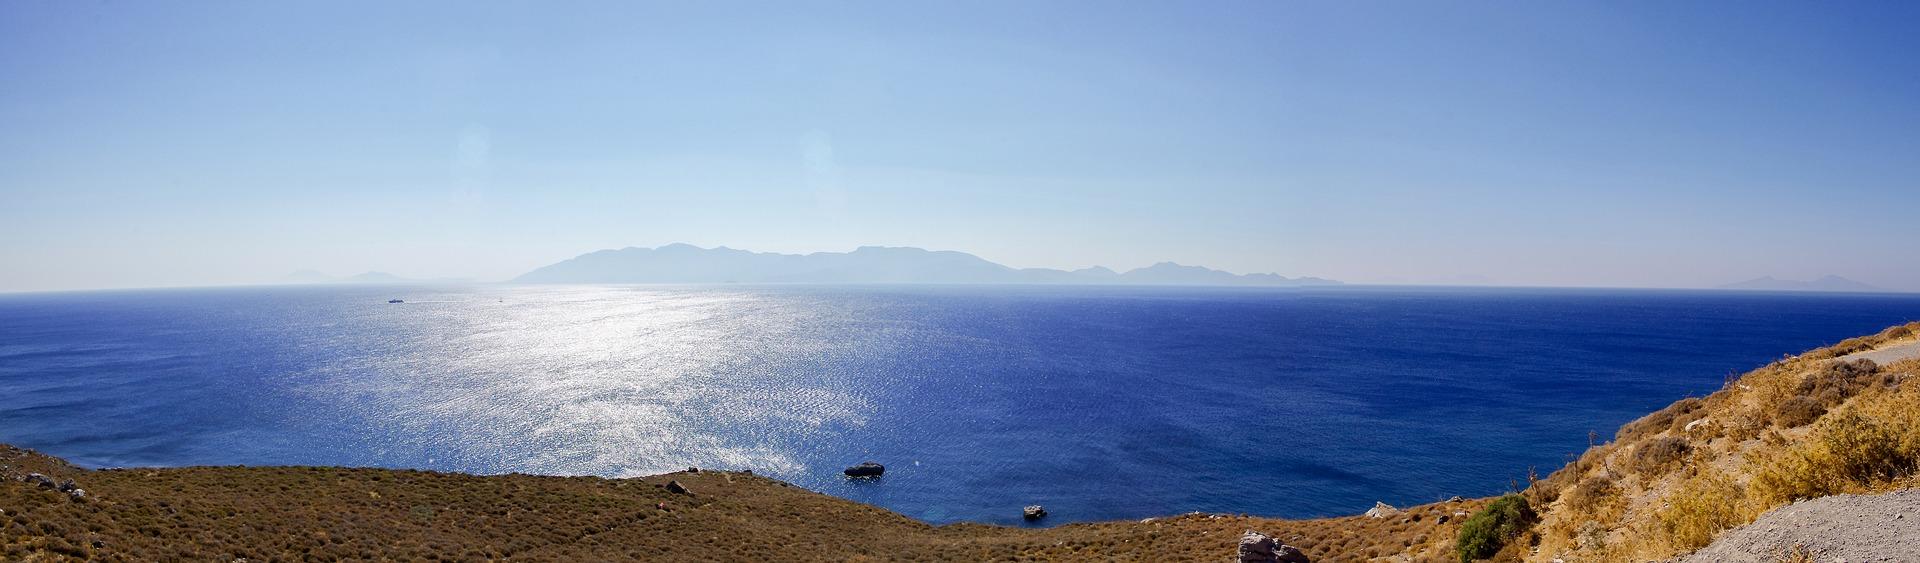 Vakantie Kos Griekenland